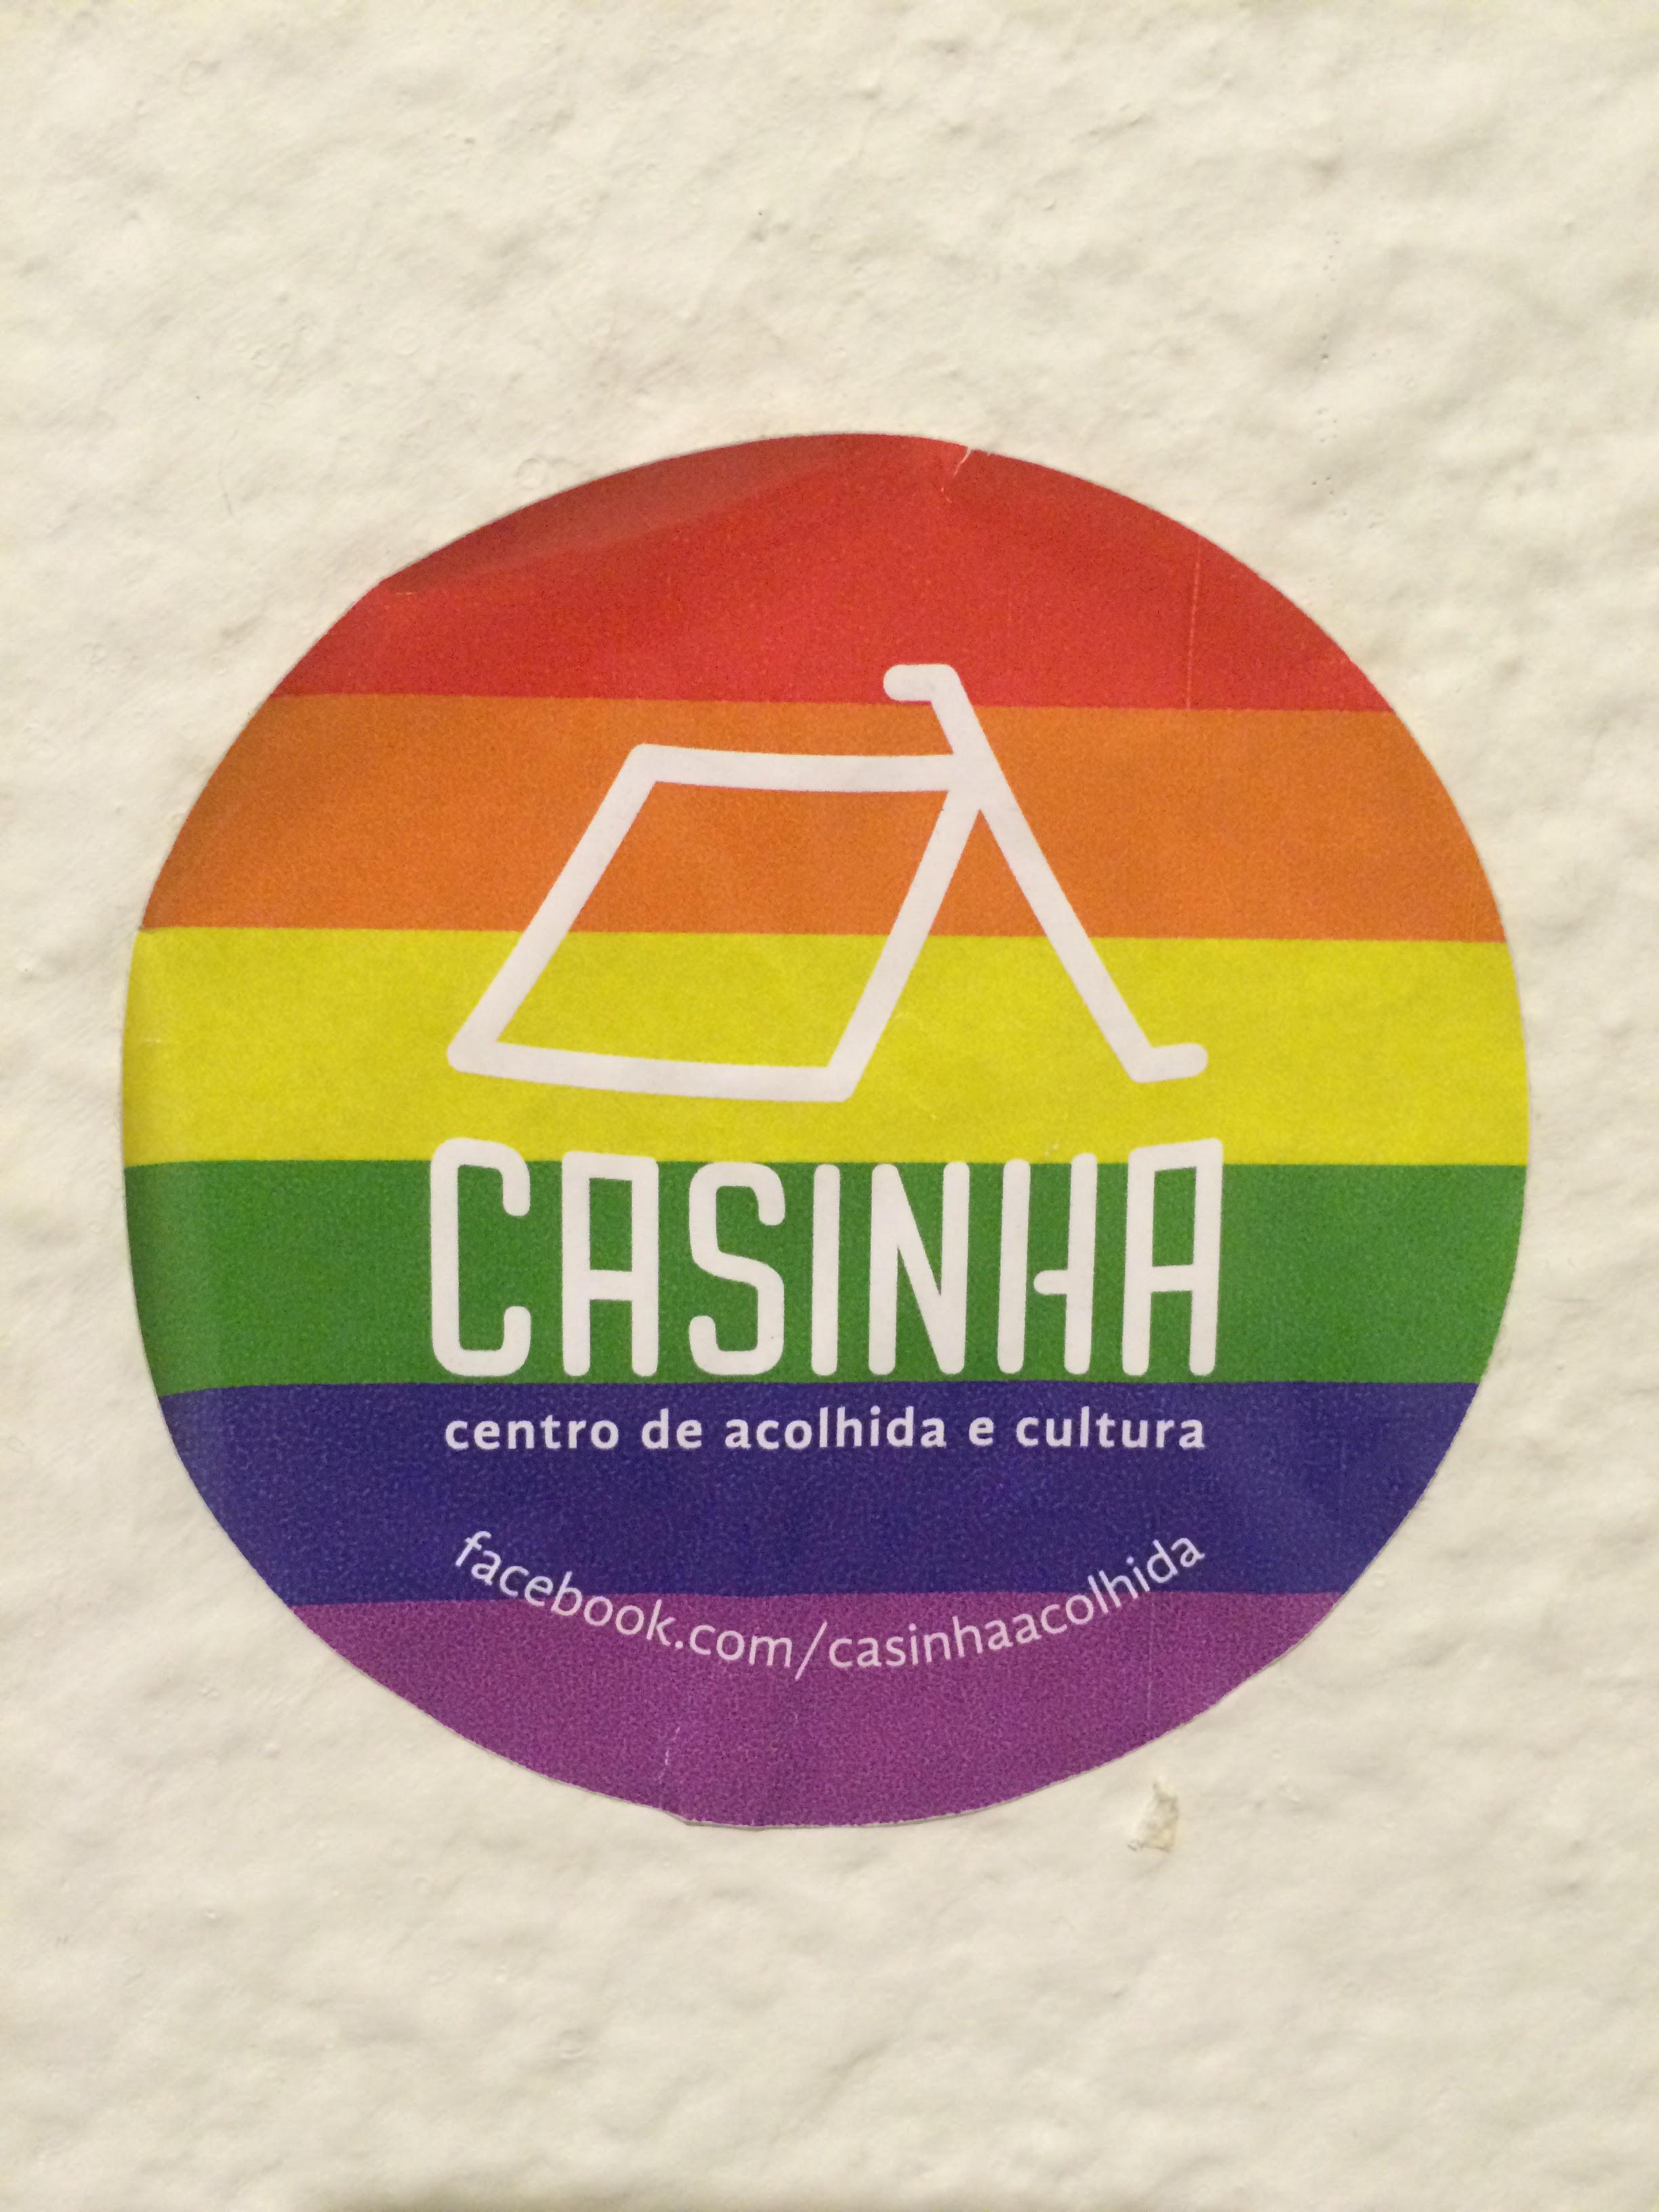 """Projeto """"Casinha"""" pretende construir casa de acolhimento e centro cultural para LGBTs no Rio de Janeiro"""